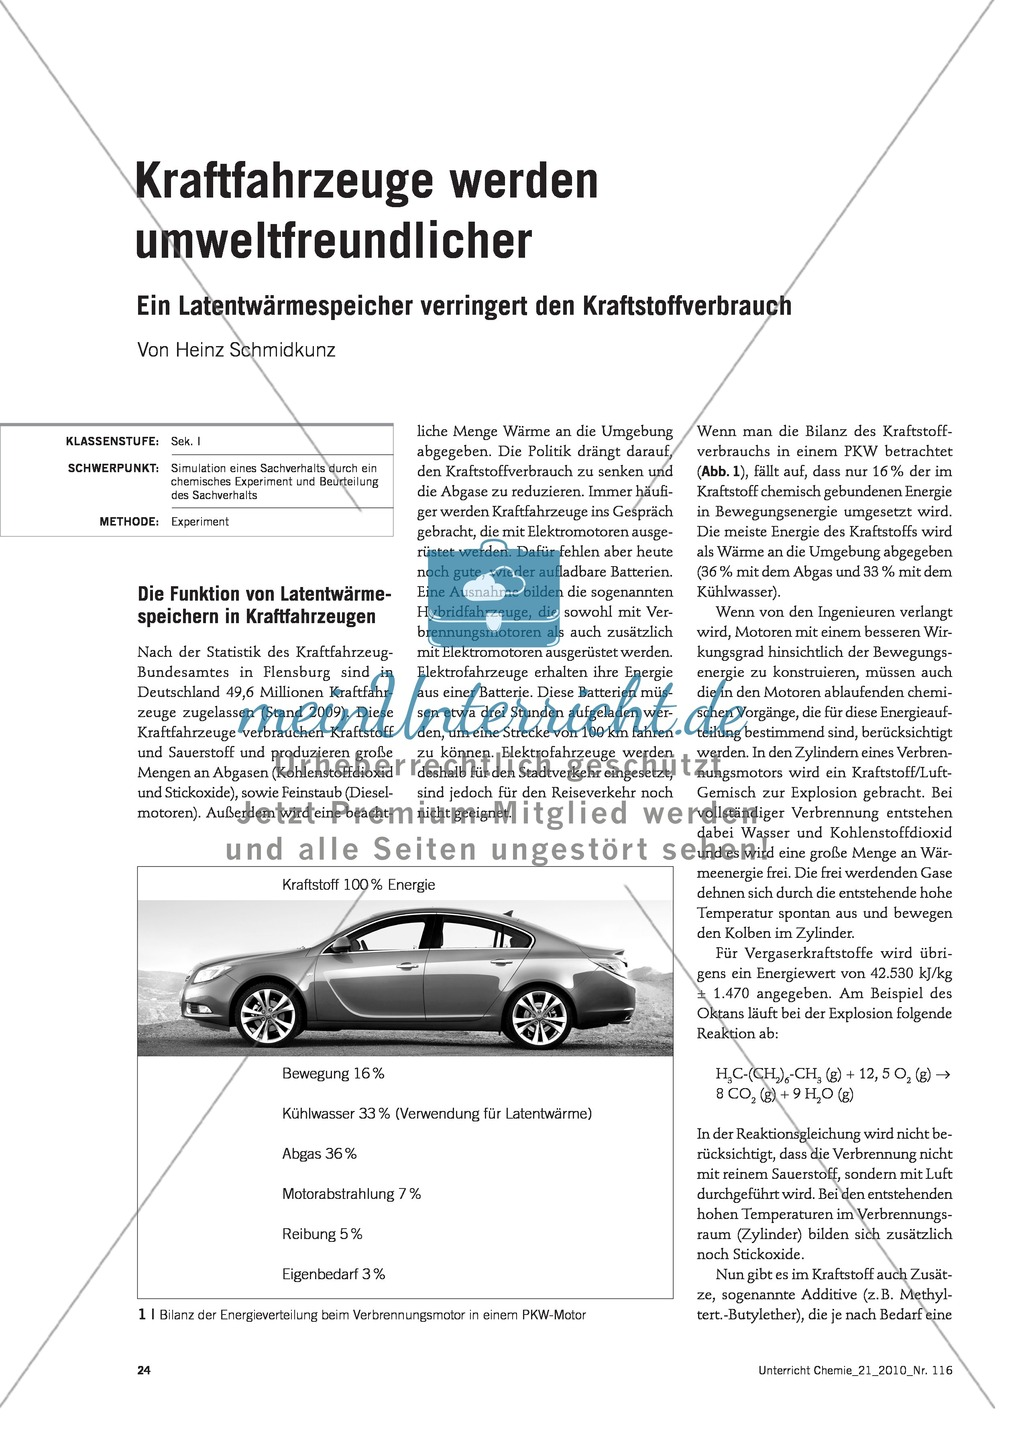 Latentwärmespeicher in Kraftfahrzeugen - Funktion, Material und Umsetzung im Unterricht Preview 0